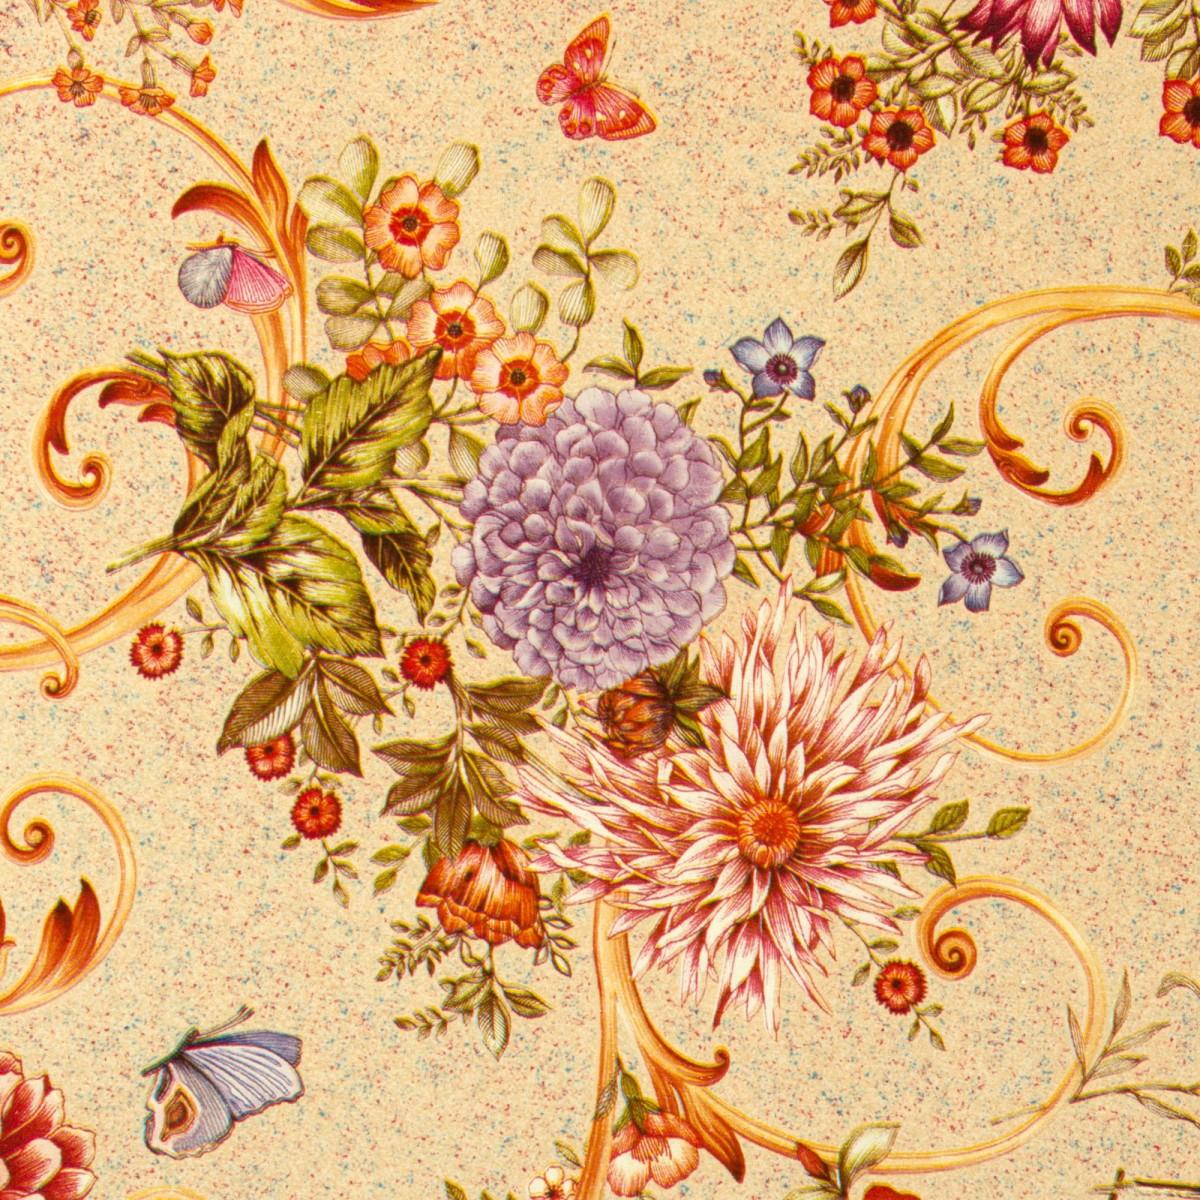 Скатерть Георгины 160х135 см цвет персиковый